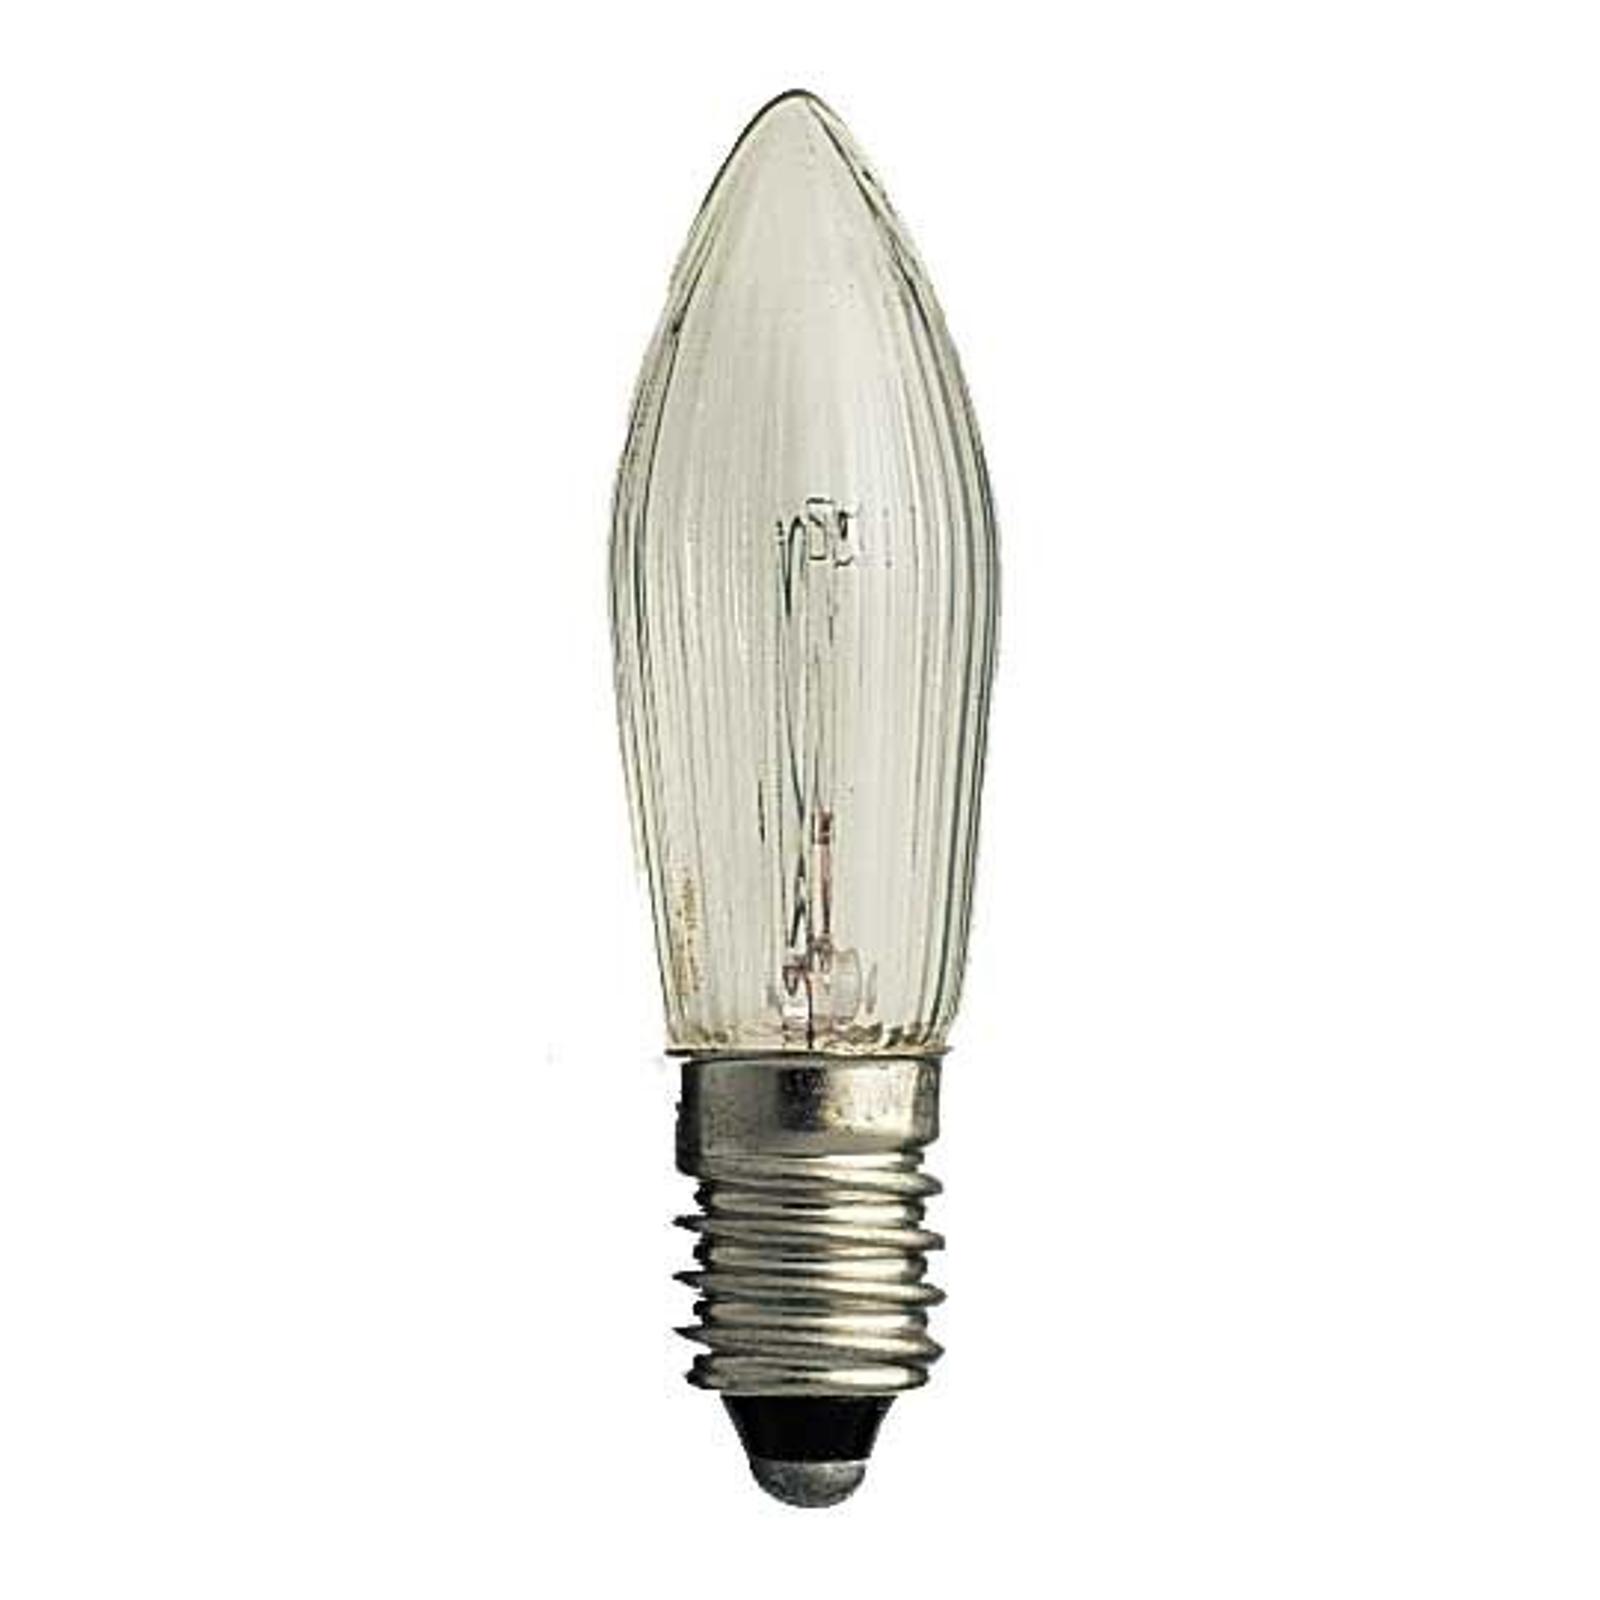 E10 3W 55V náhradná žiarovka 3 kusy tvar sviečky_1522321_1